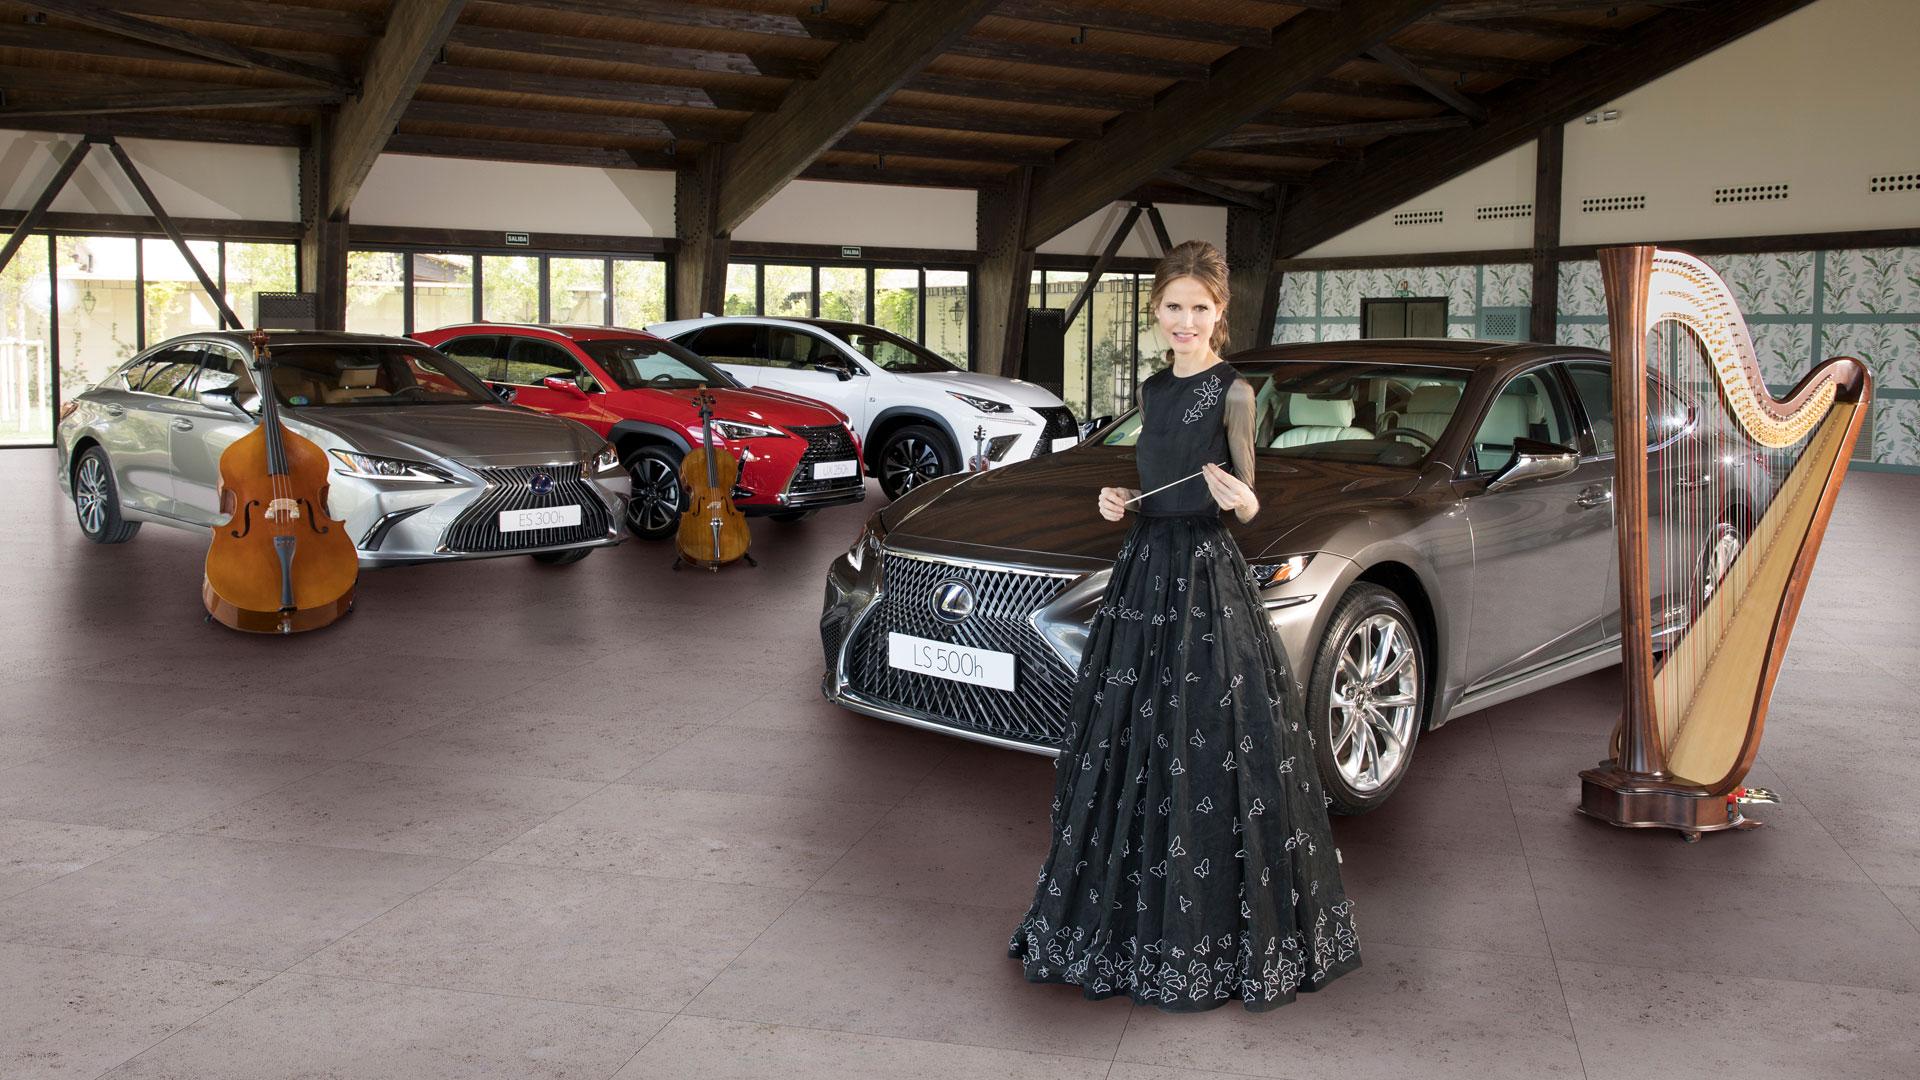 Imagen de Inma Shara y la gama Lexus